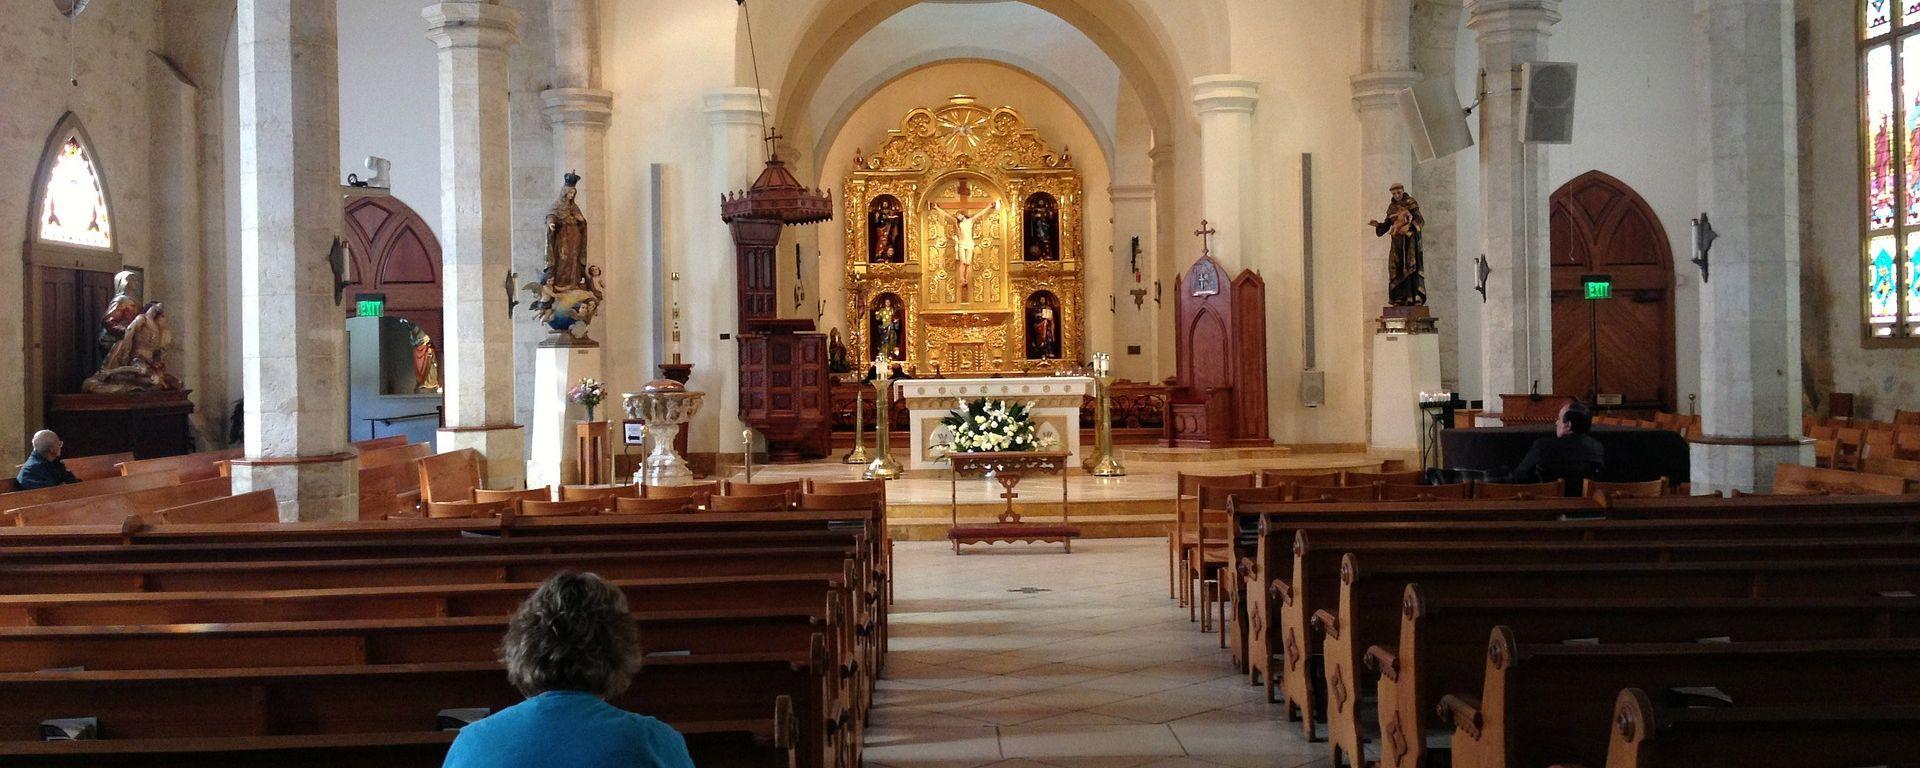 Biskupije u Teksasu objavile imena 300 svećenika optuženih za zlostavljanje